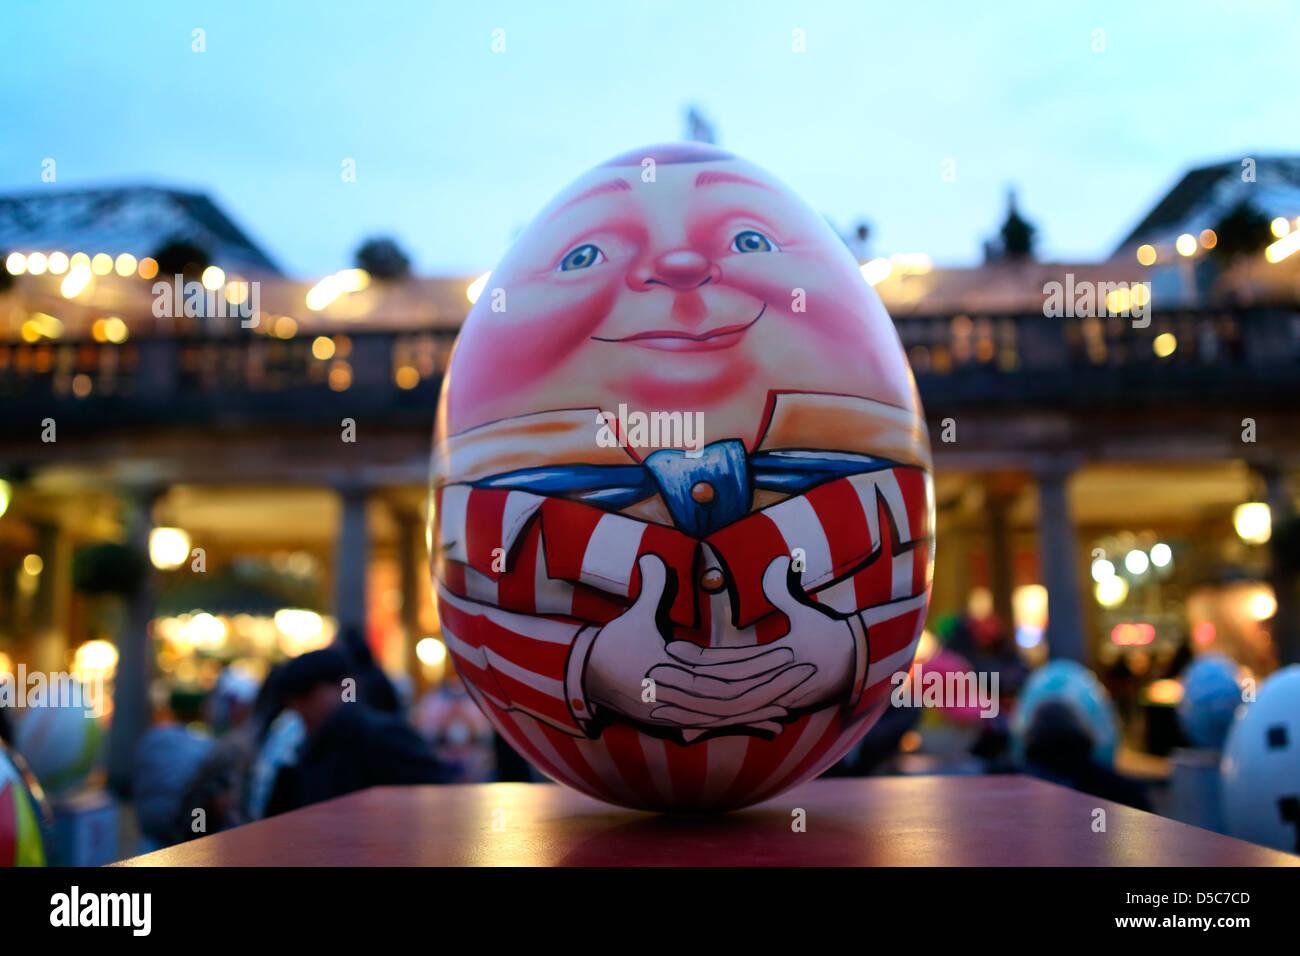 giant easter egg 'Covent Garden' London Stock Photo